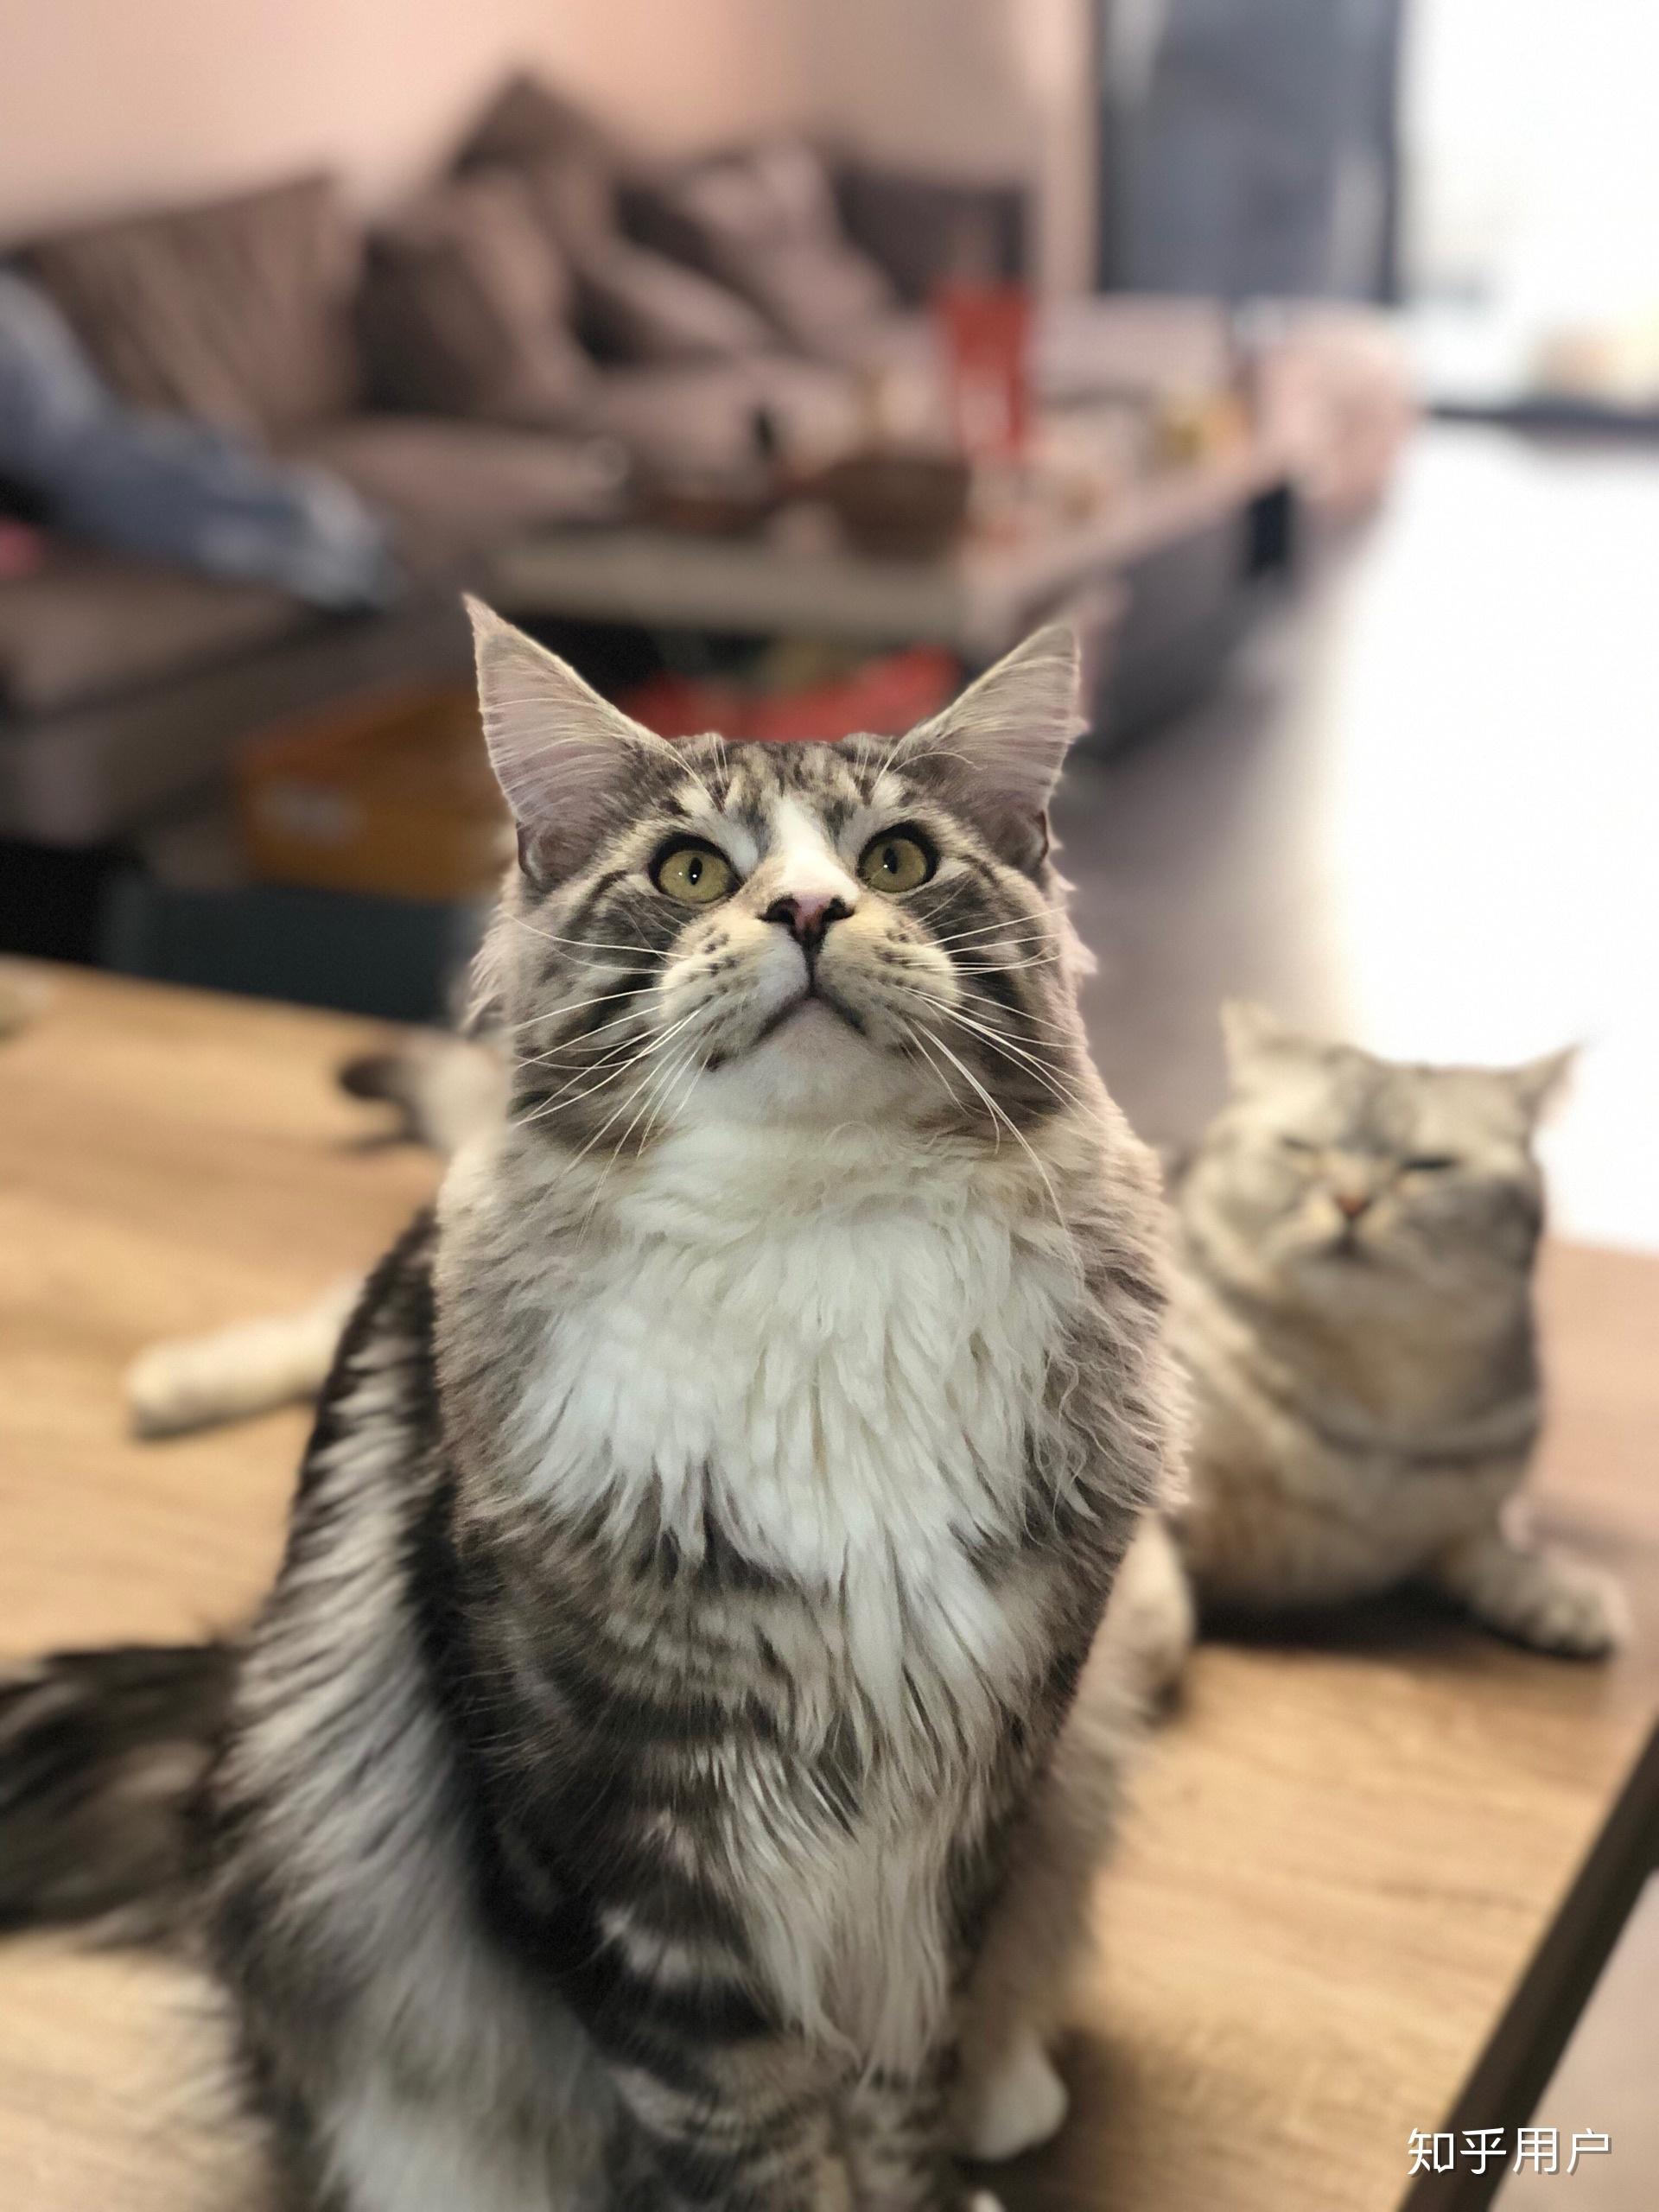 宠物图片_养缅因猫是一种怎样的体验? - 知乎